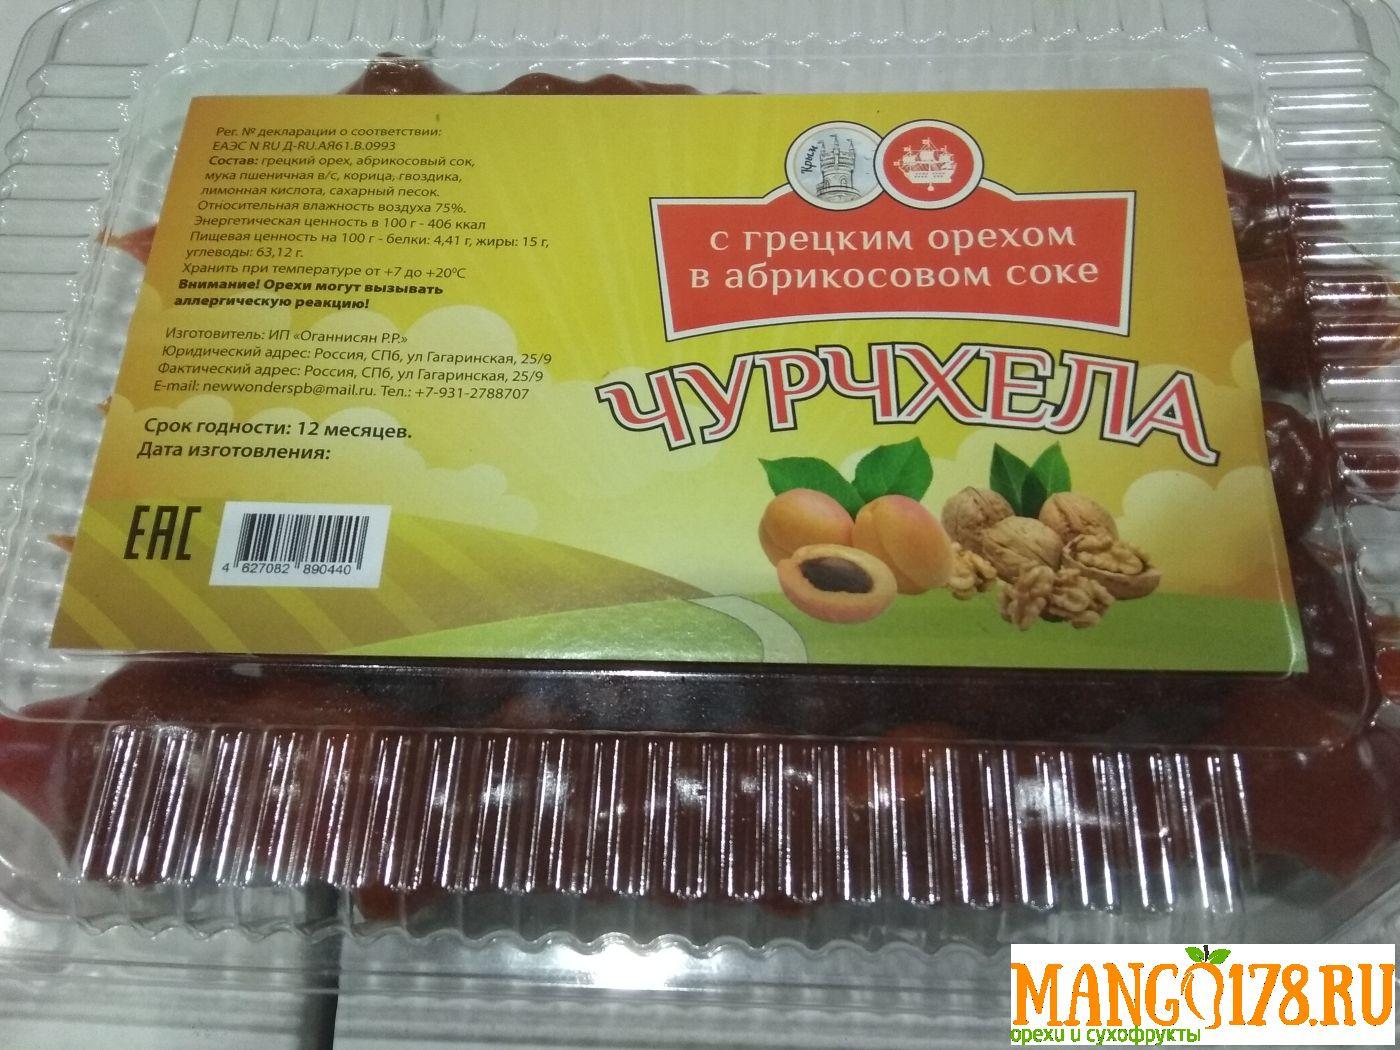 Чурчхела с грецким орехом в абрикосовом соке 5 шт